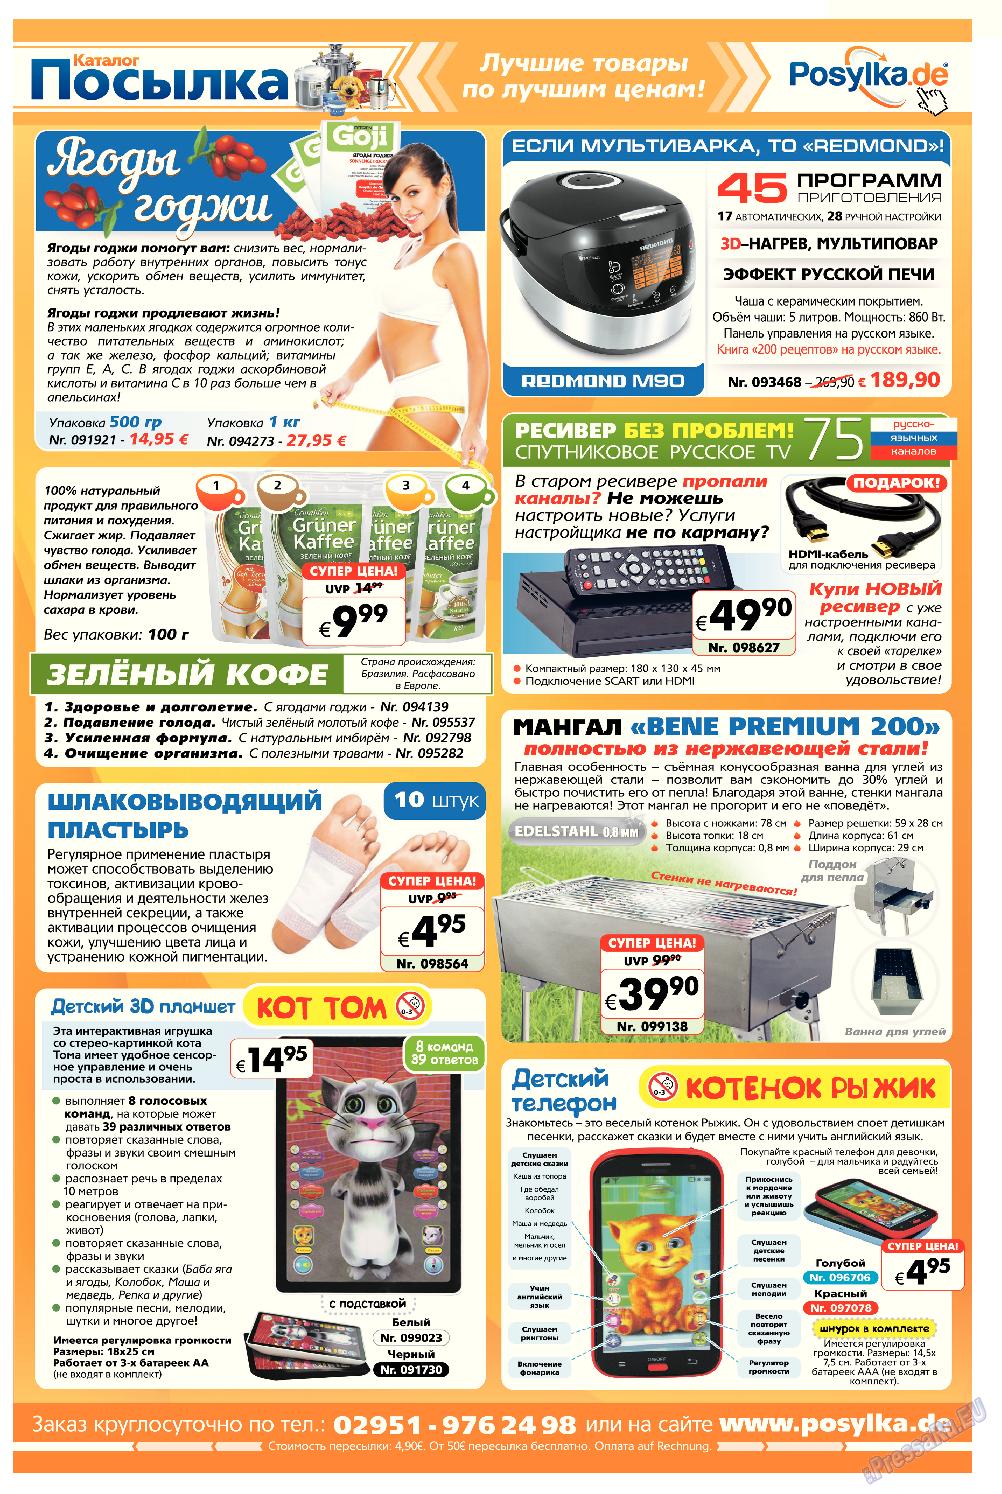 Ваша газета (газета). 2015 год, номер 2, стр. 13